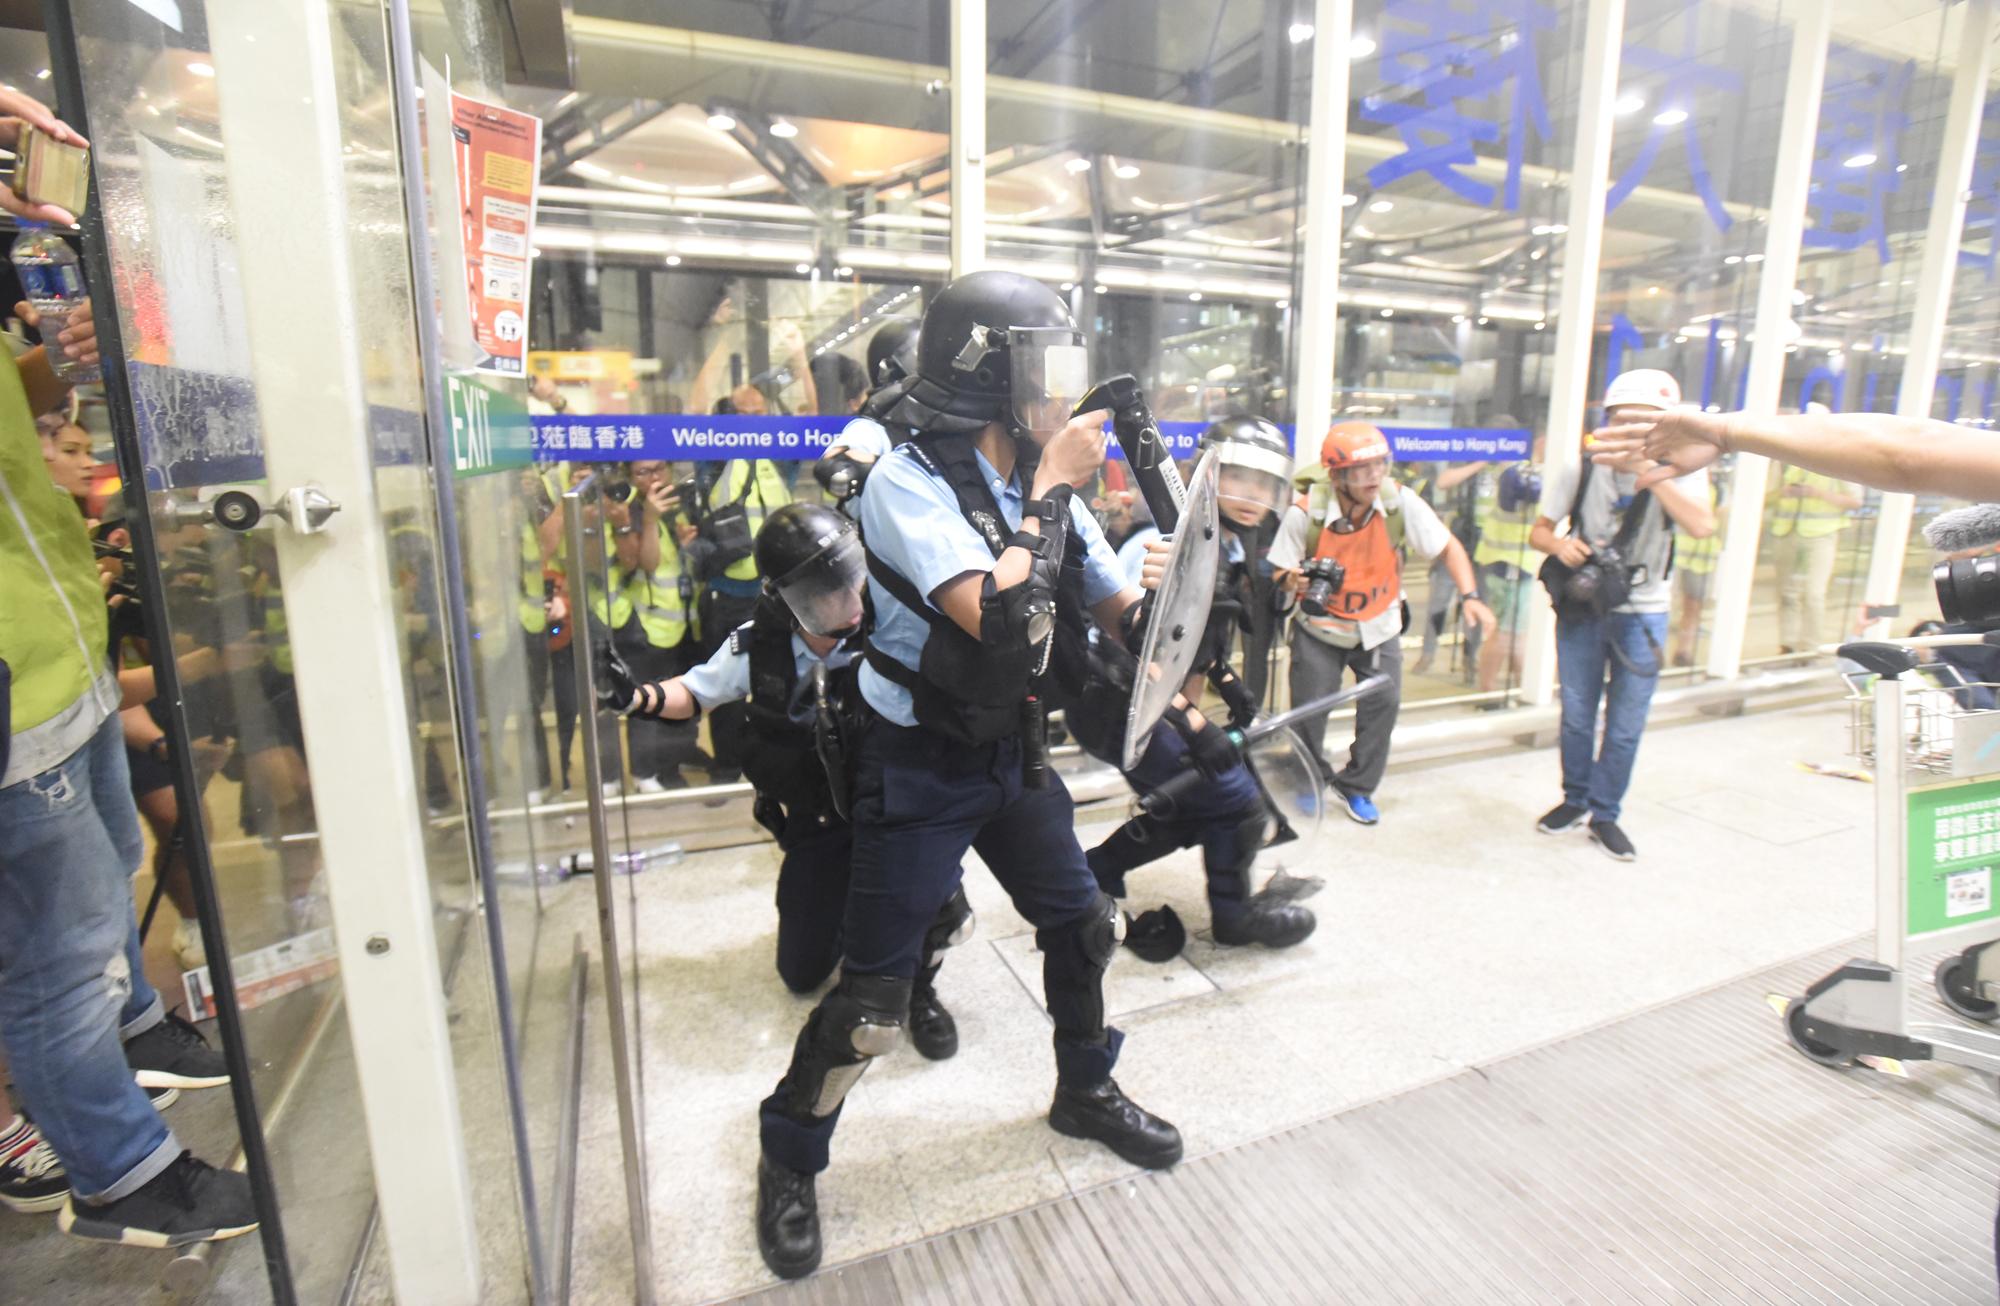 警方對激進示威者的嚴重暴力行為予以極嚴厲譴責。 資料圖片